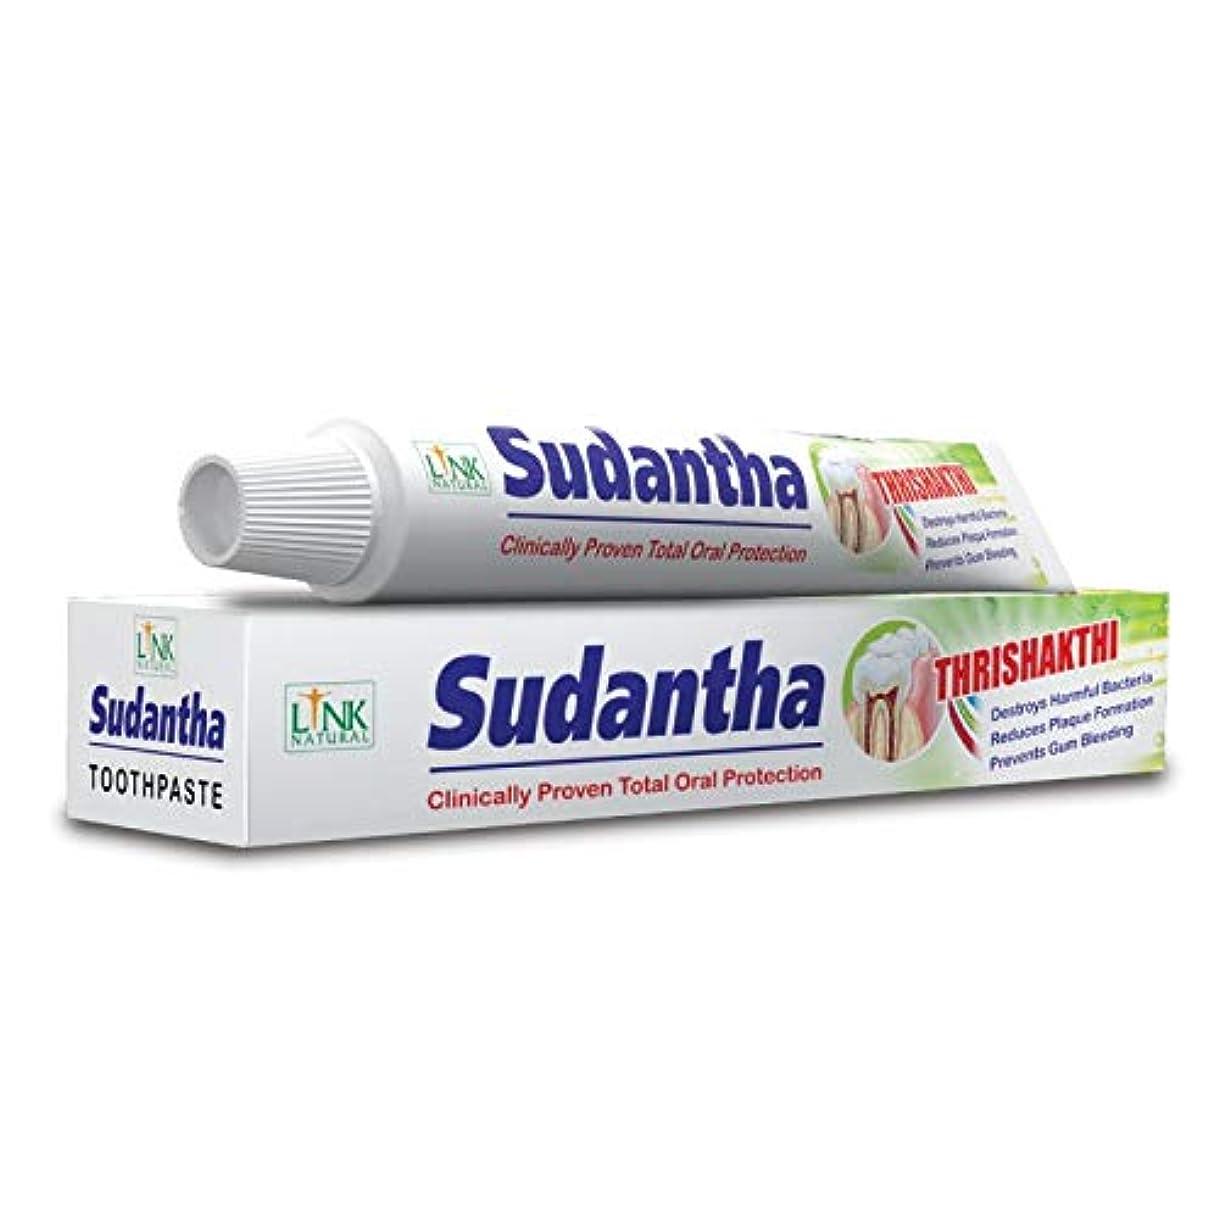 雨神学校下に向けます2 x 80 g リンクSudanthaホメオパシーHerbal Toothpaste for合計Oral保護